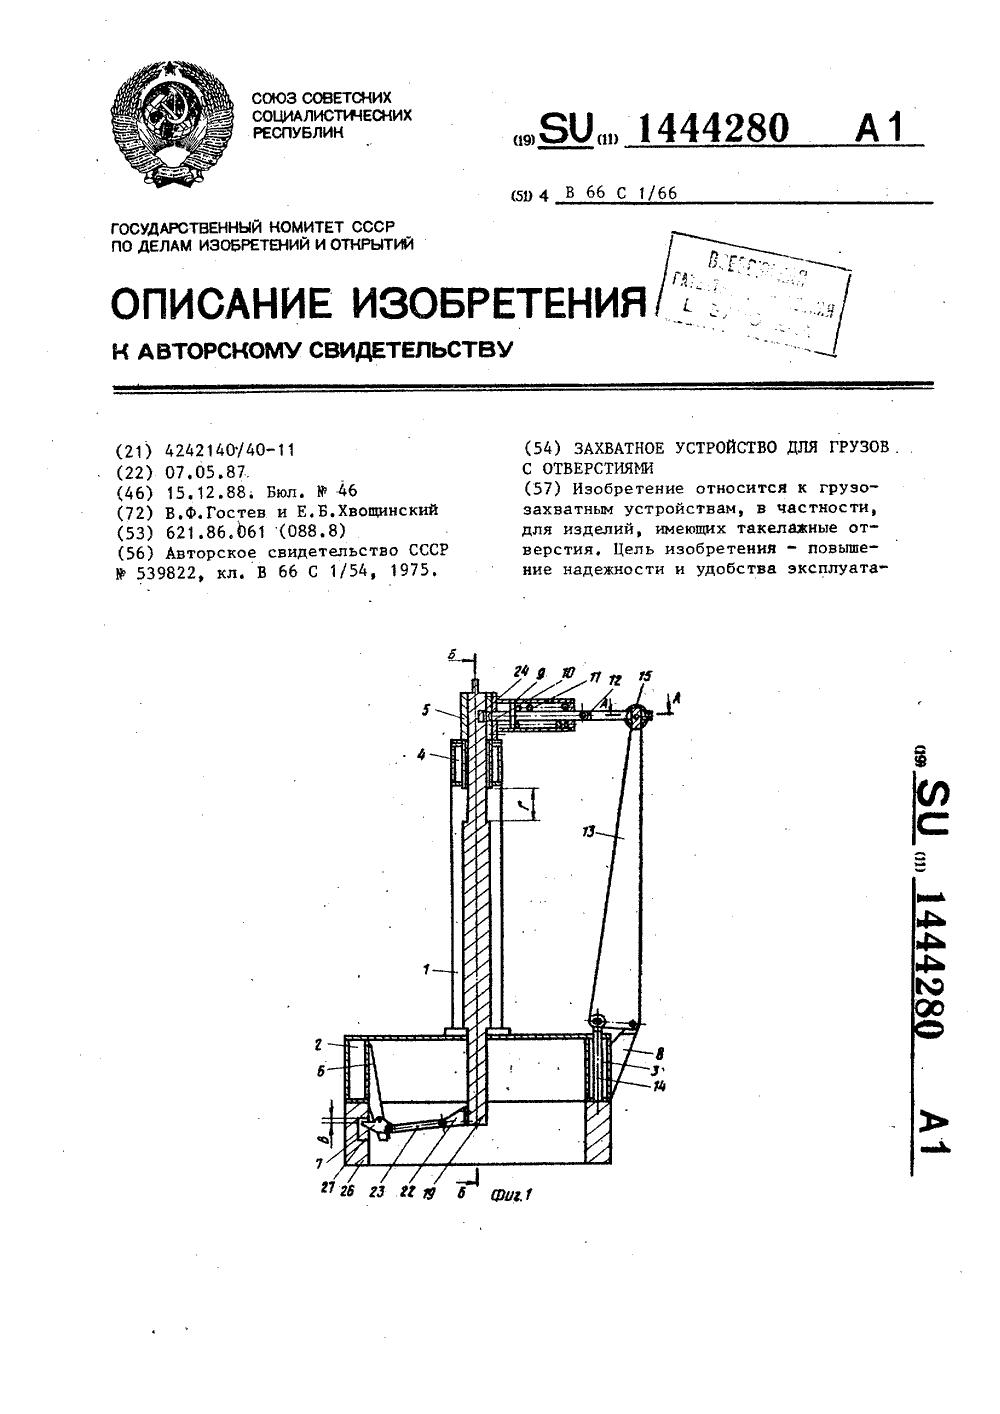 Кинематическая схема тс-350